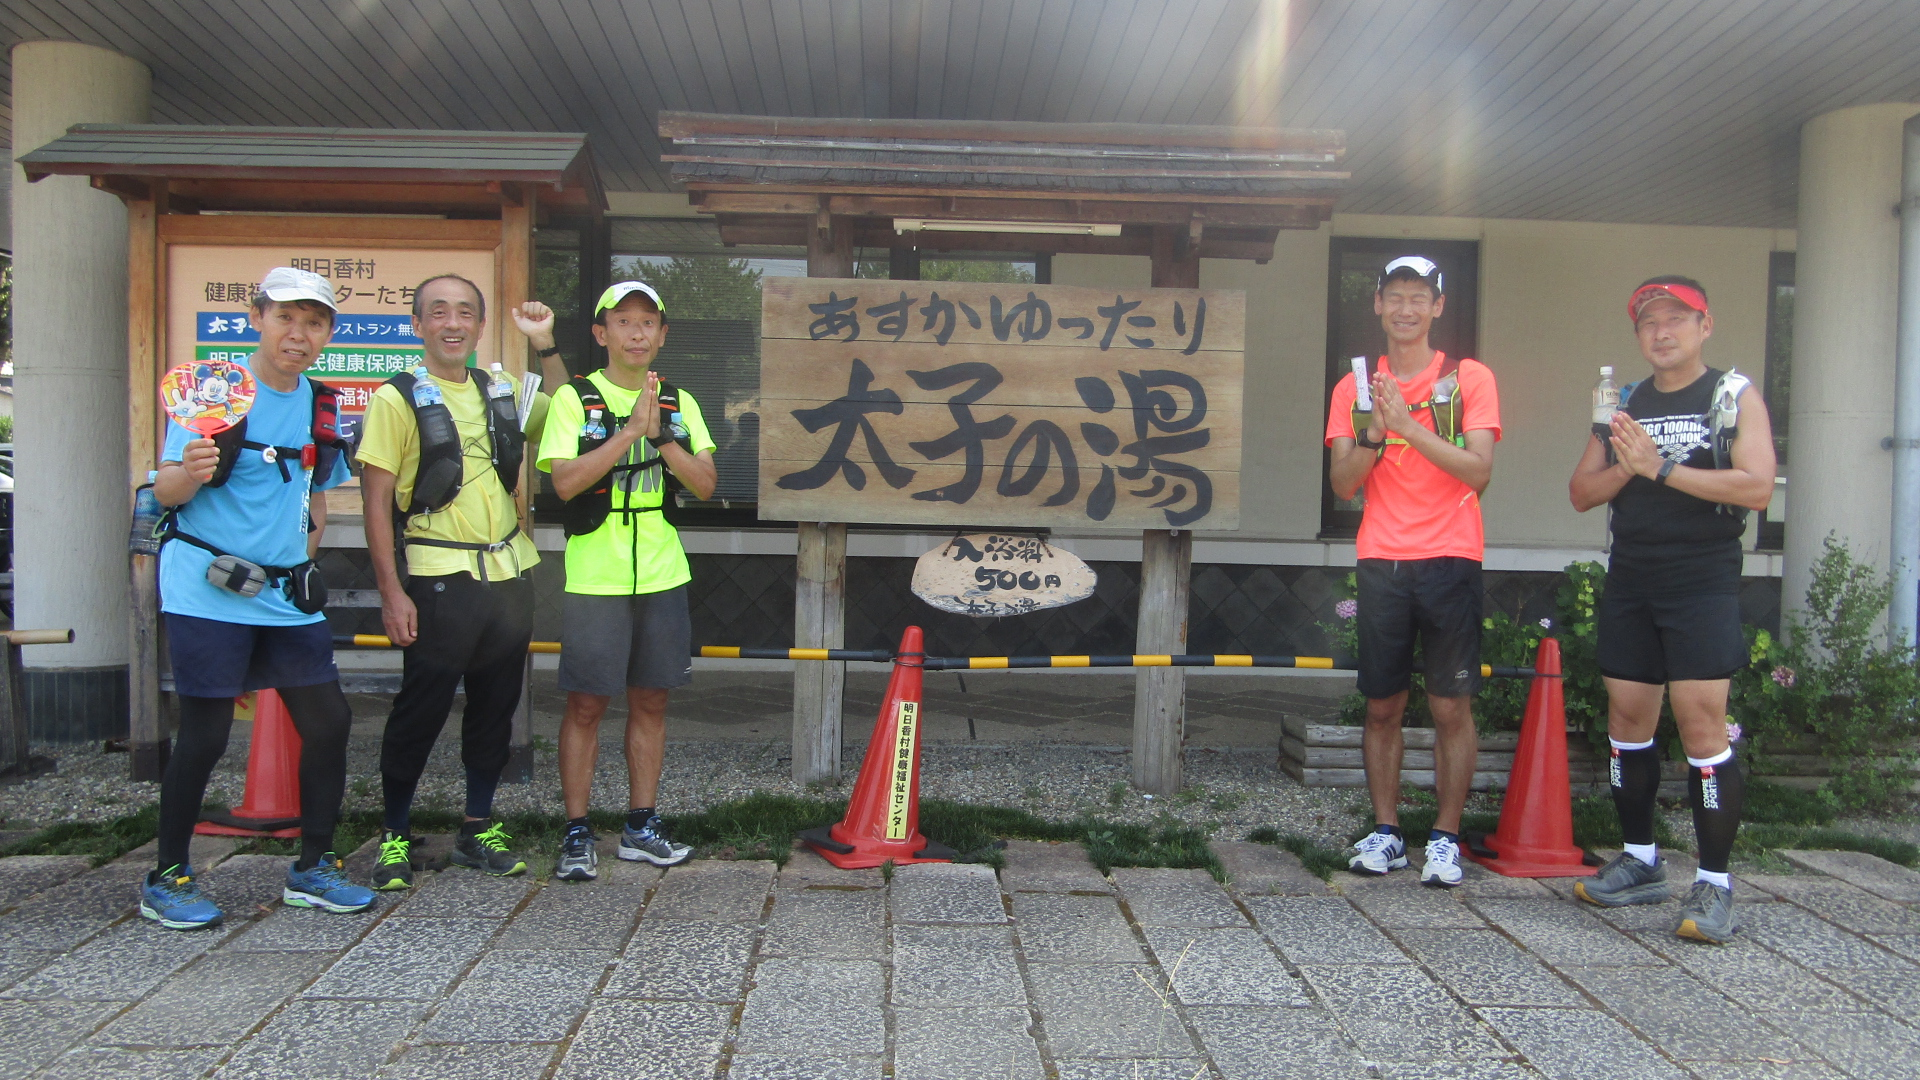 8/21夜~22『Kansupa2奈良下見編』10